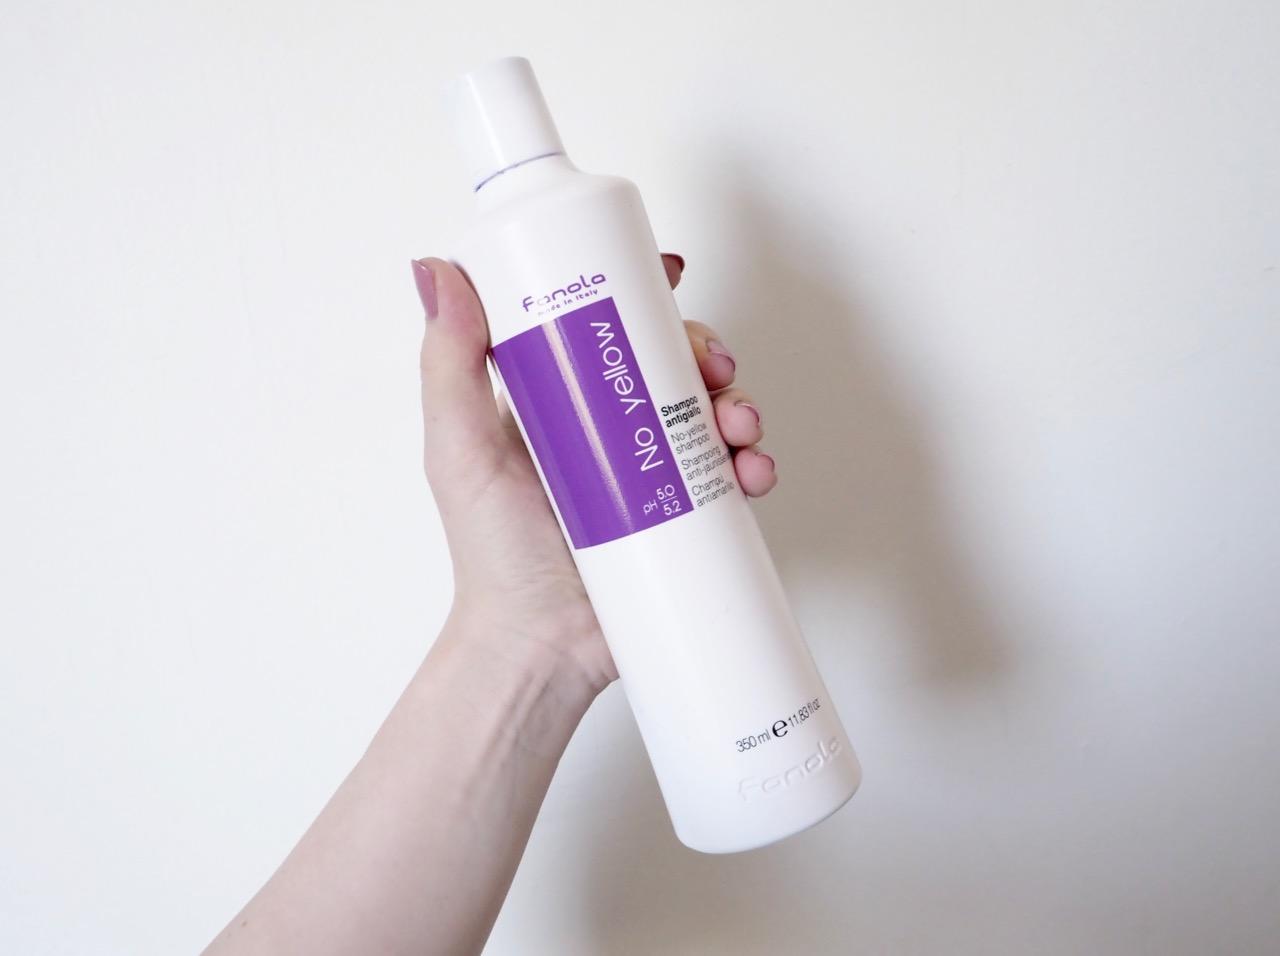 Ostolakossa Fanola No Yellow shampoo